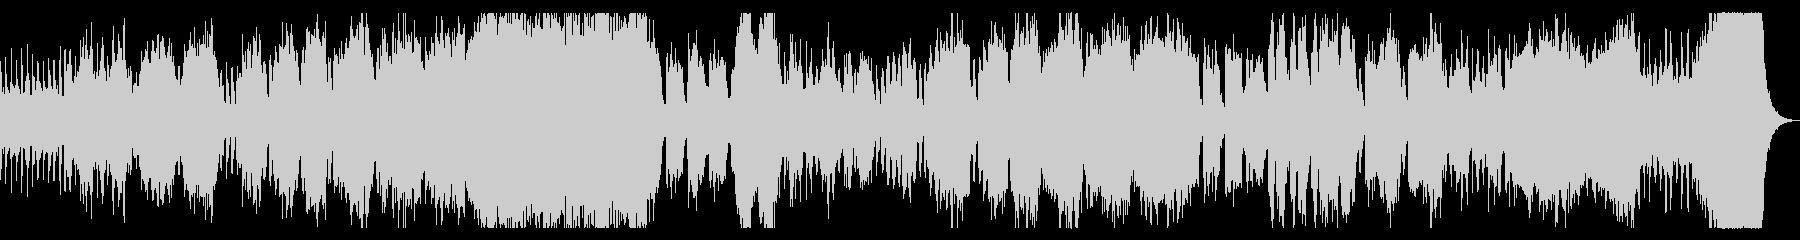 ダークでシネマチックなオーケストラBGMの未再生の波形